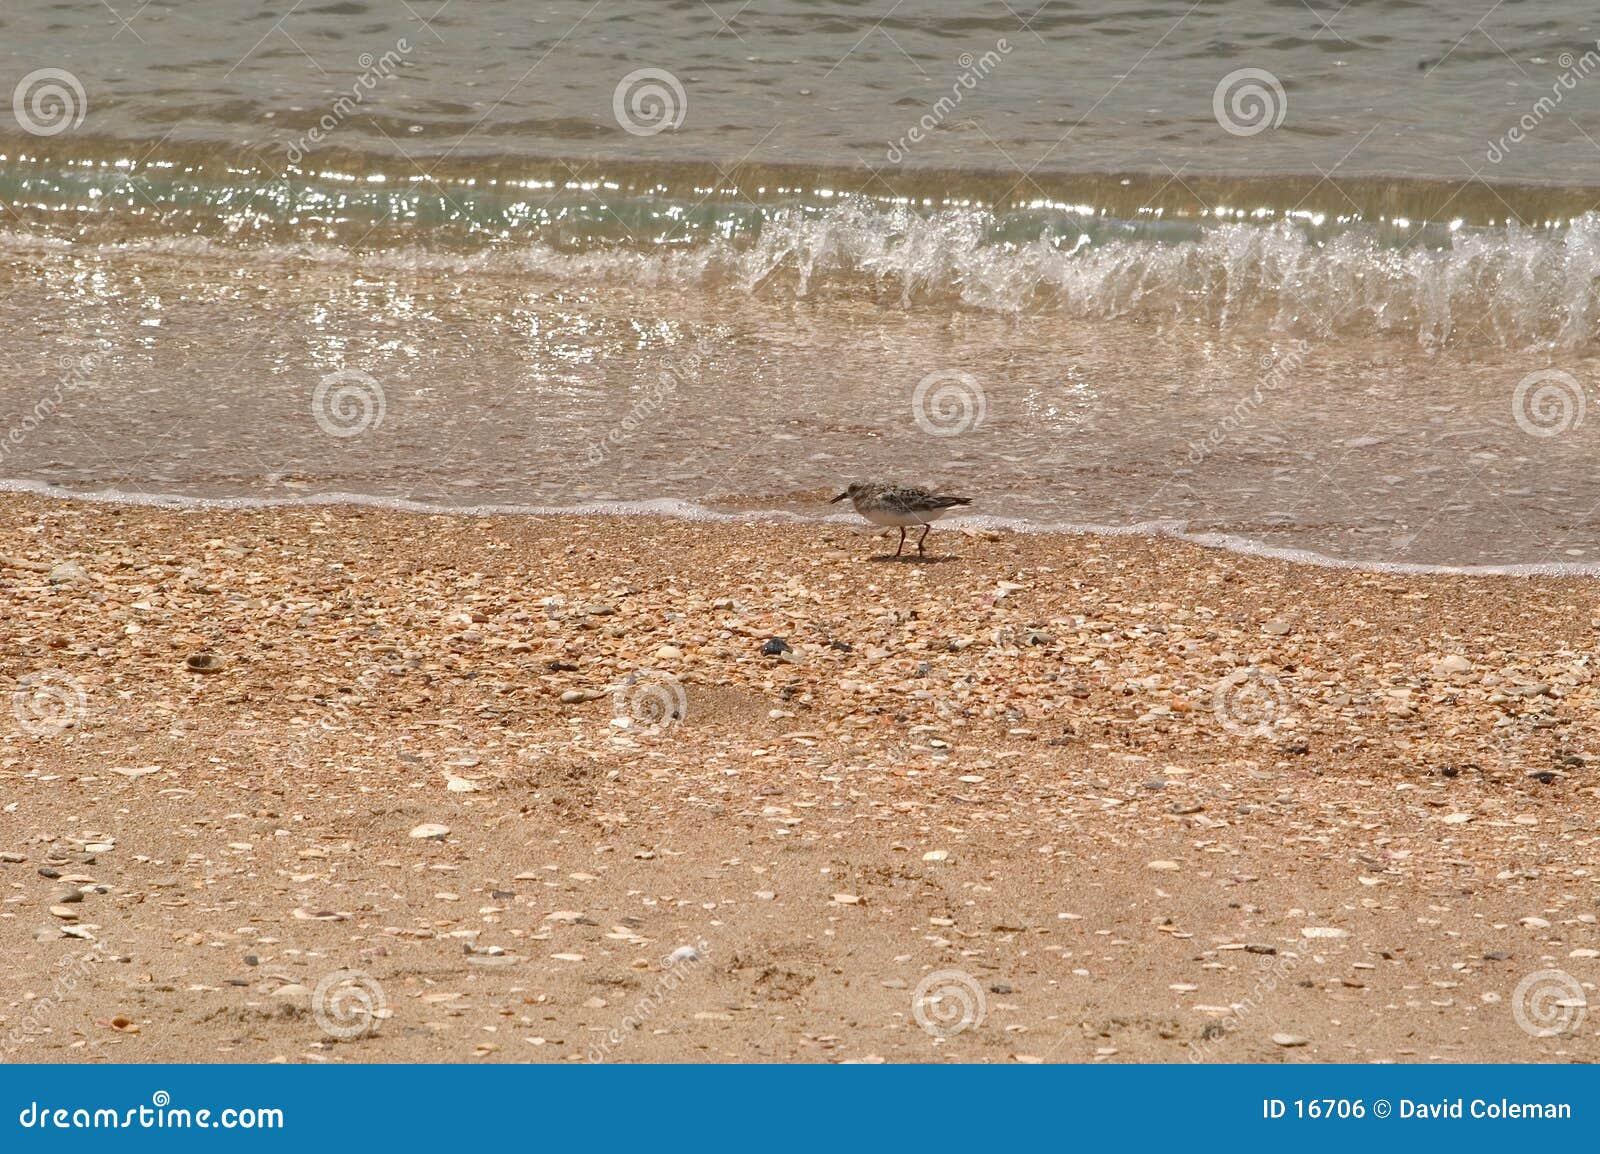 追逐海浪的臭虫